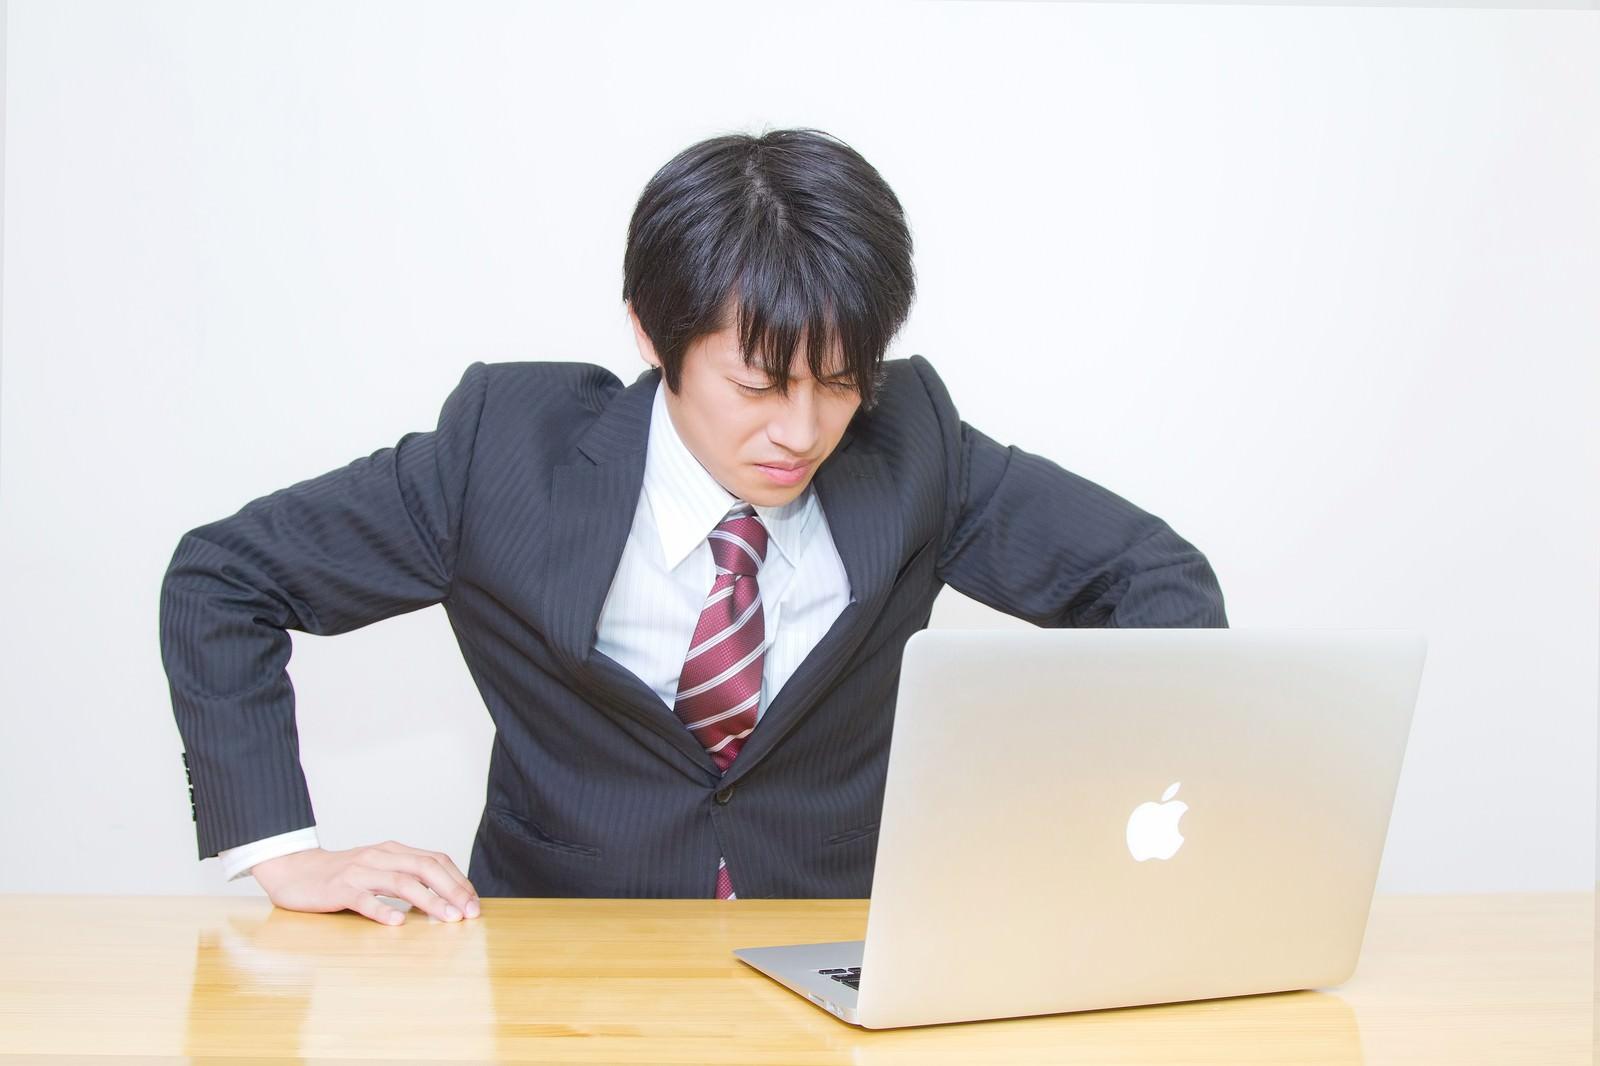 「ガタッ!っと席を立つサラリーマン」の写真[モデル:Tsuyoshi.]